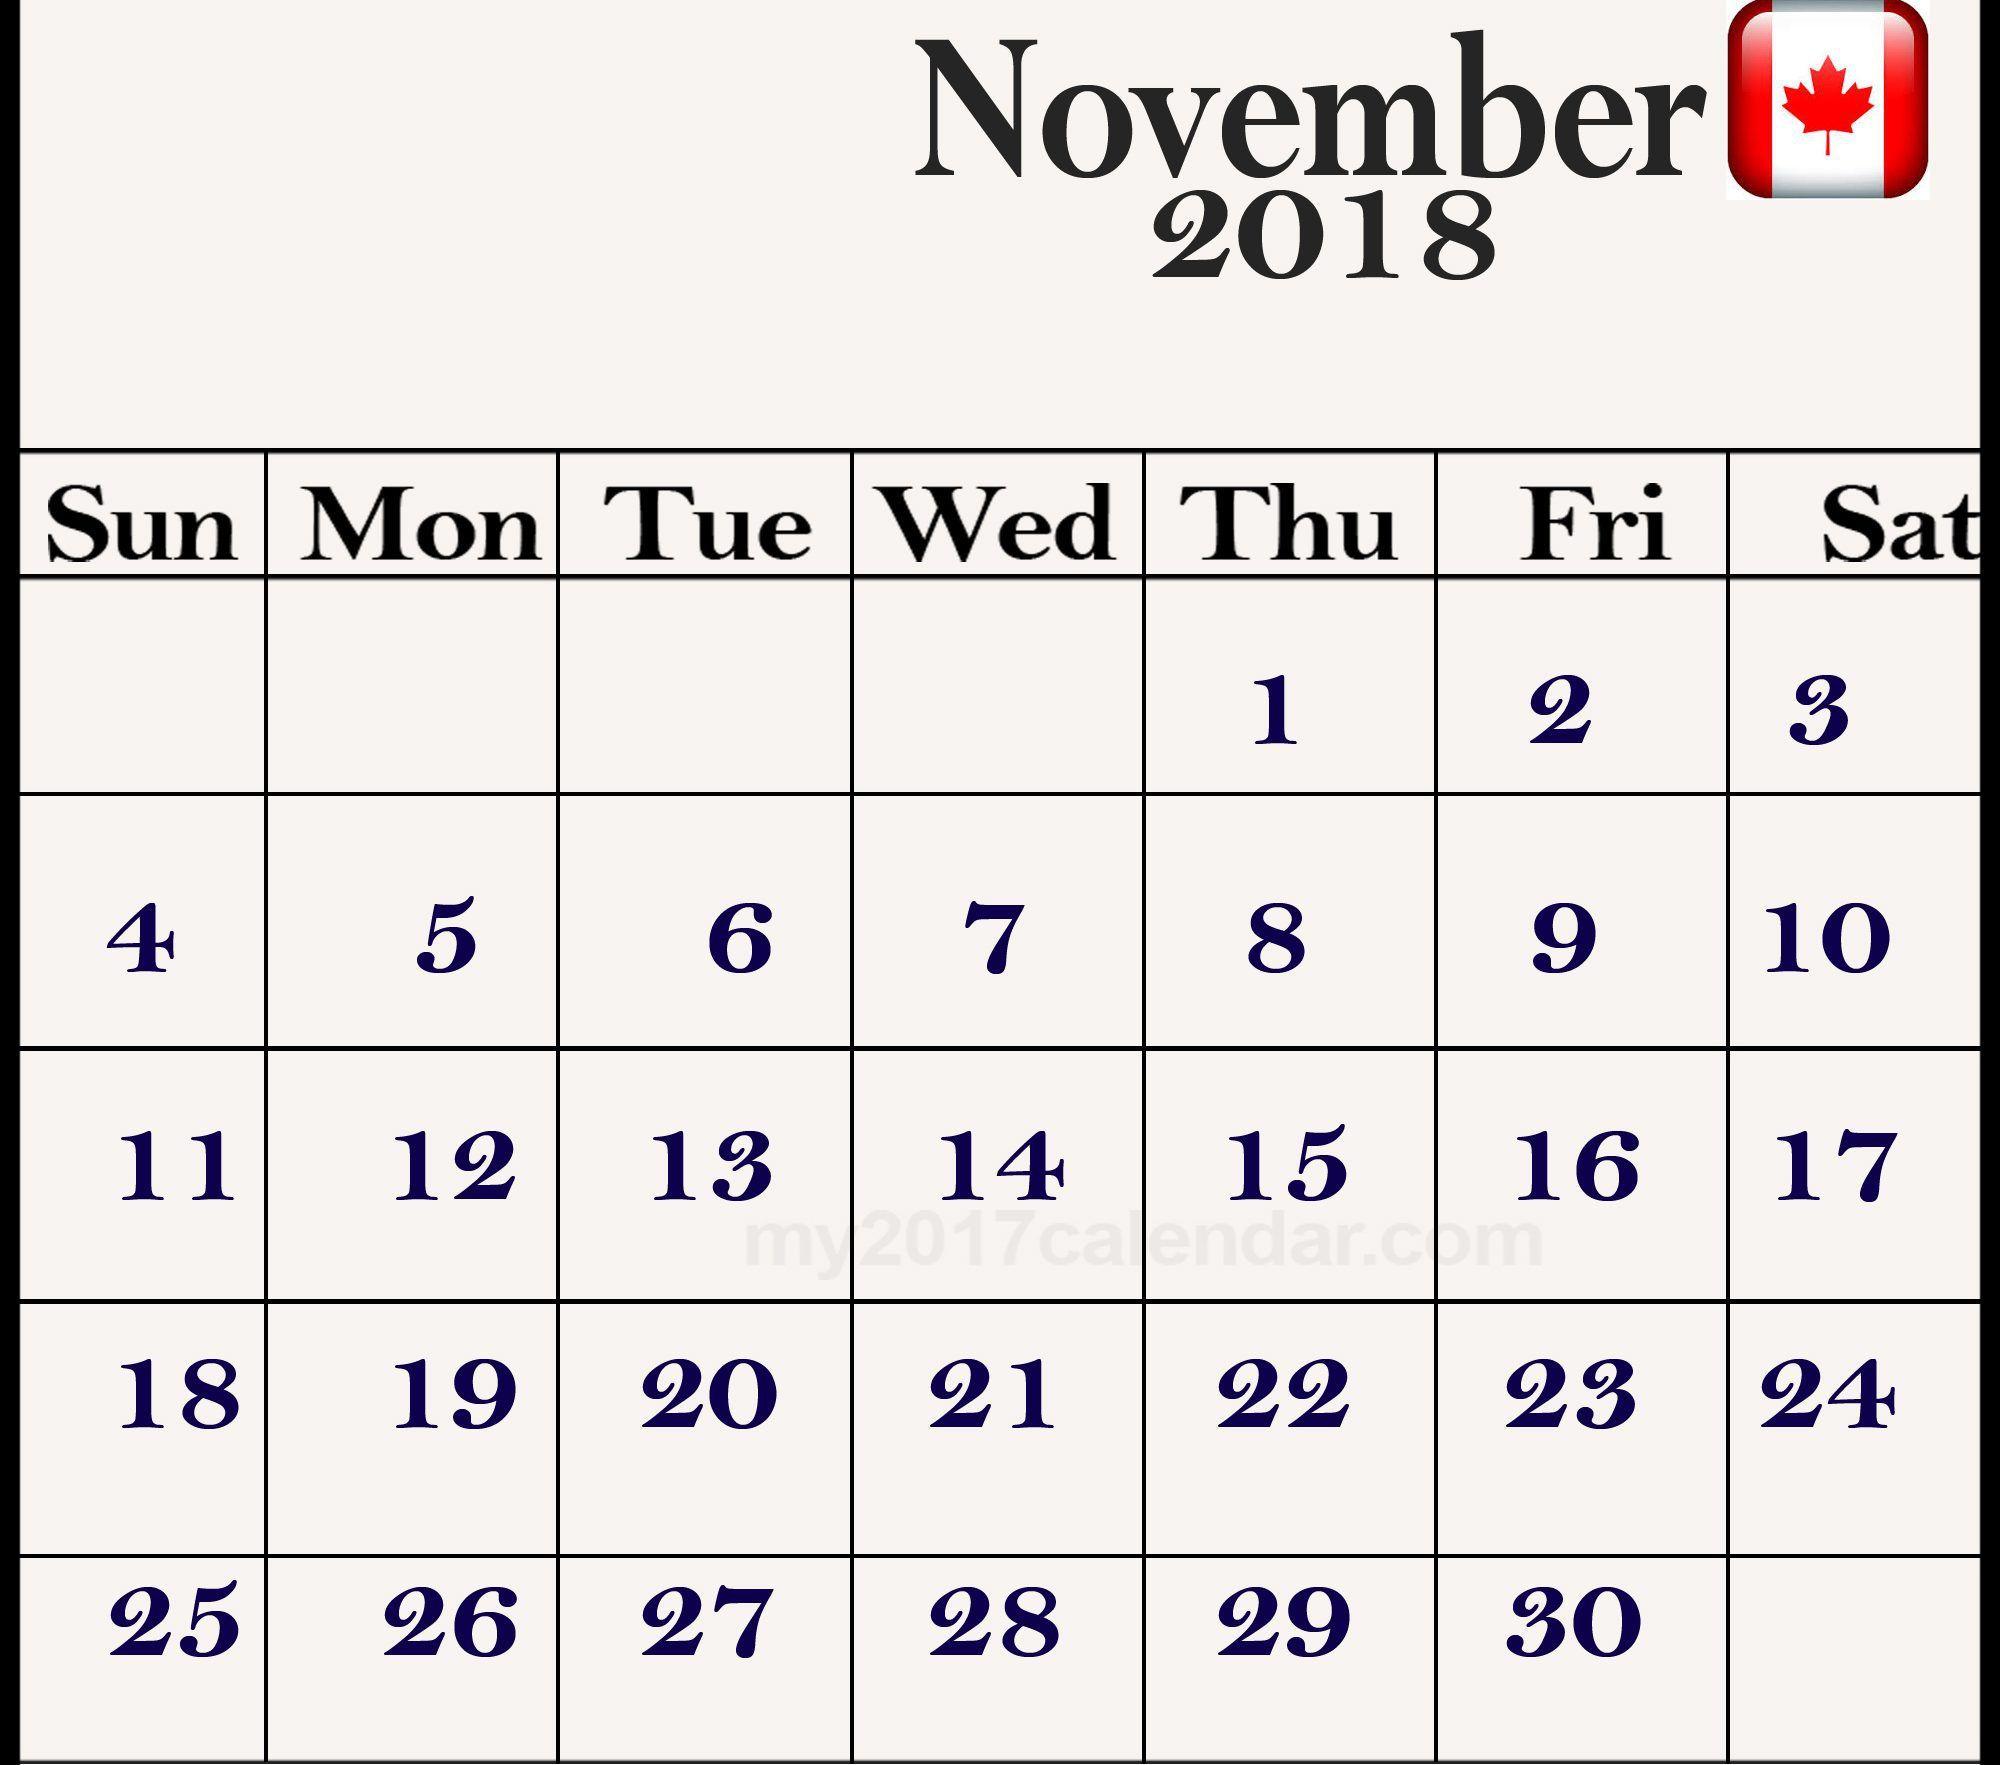 november 2018 calendar canada holidays